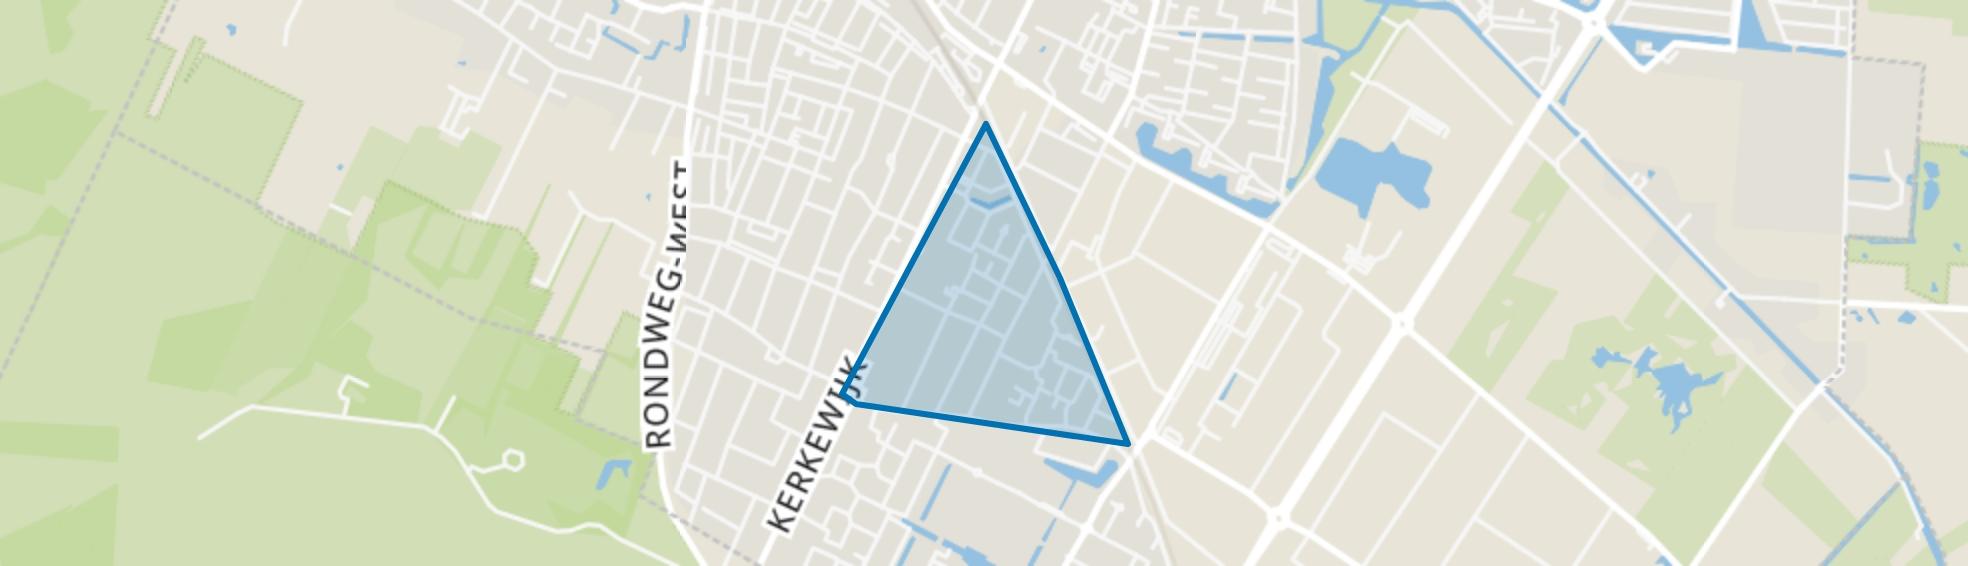 Boslaan en omgeving, Veenendaal map